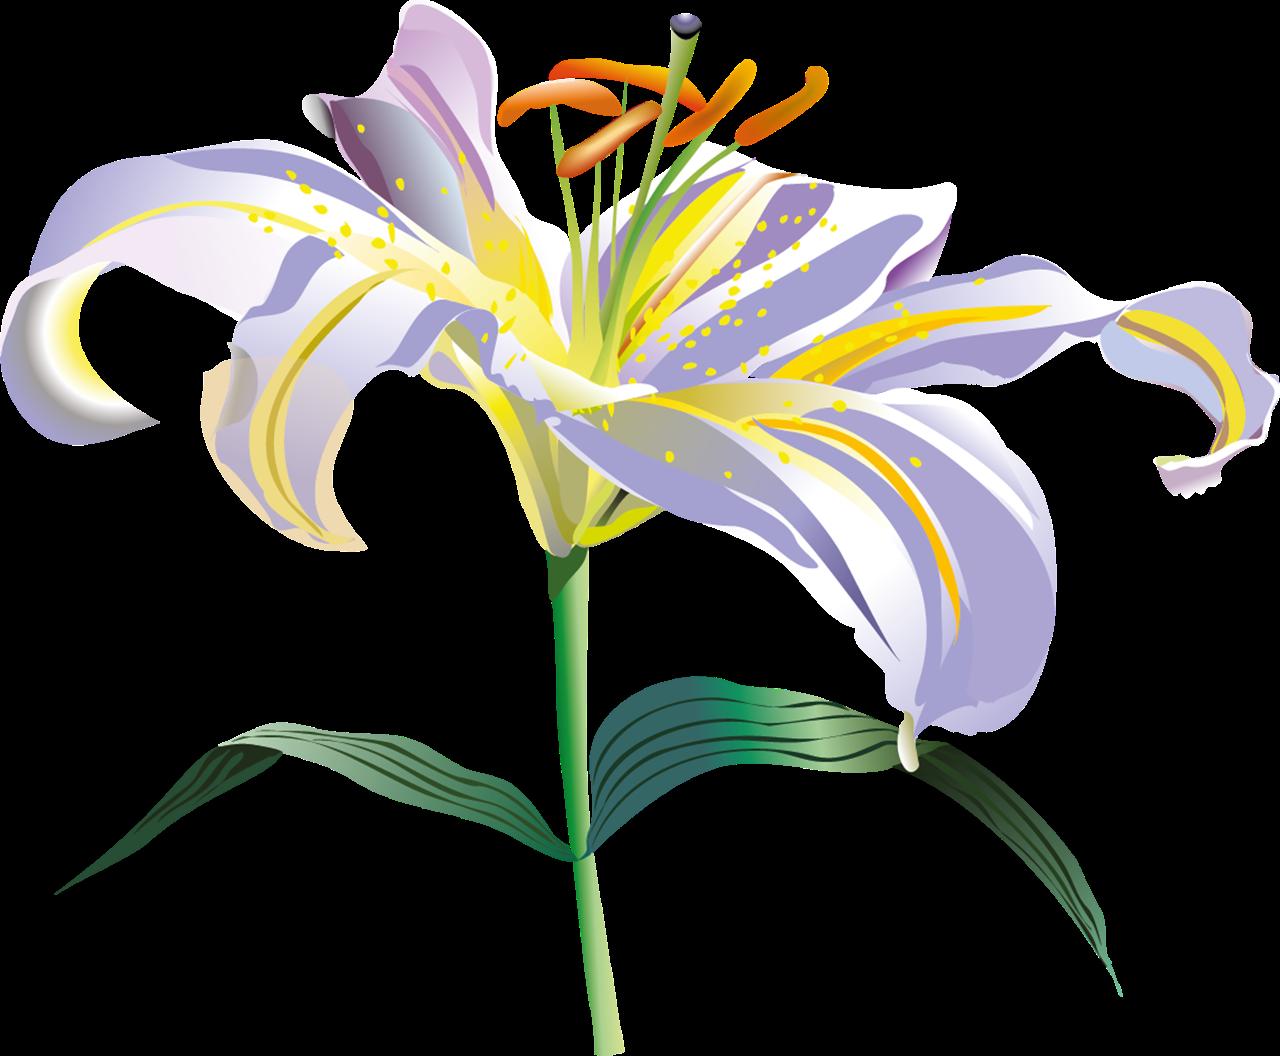 Imagenes De Flores Transparentes